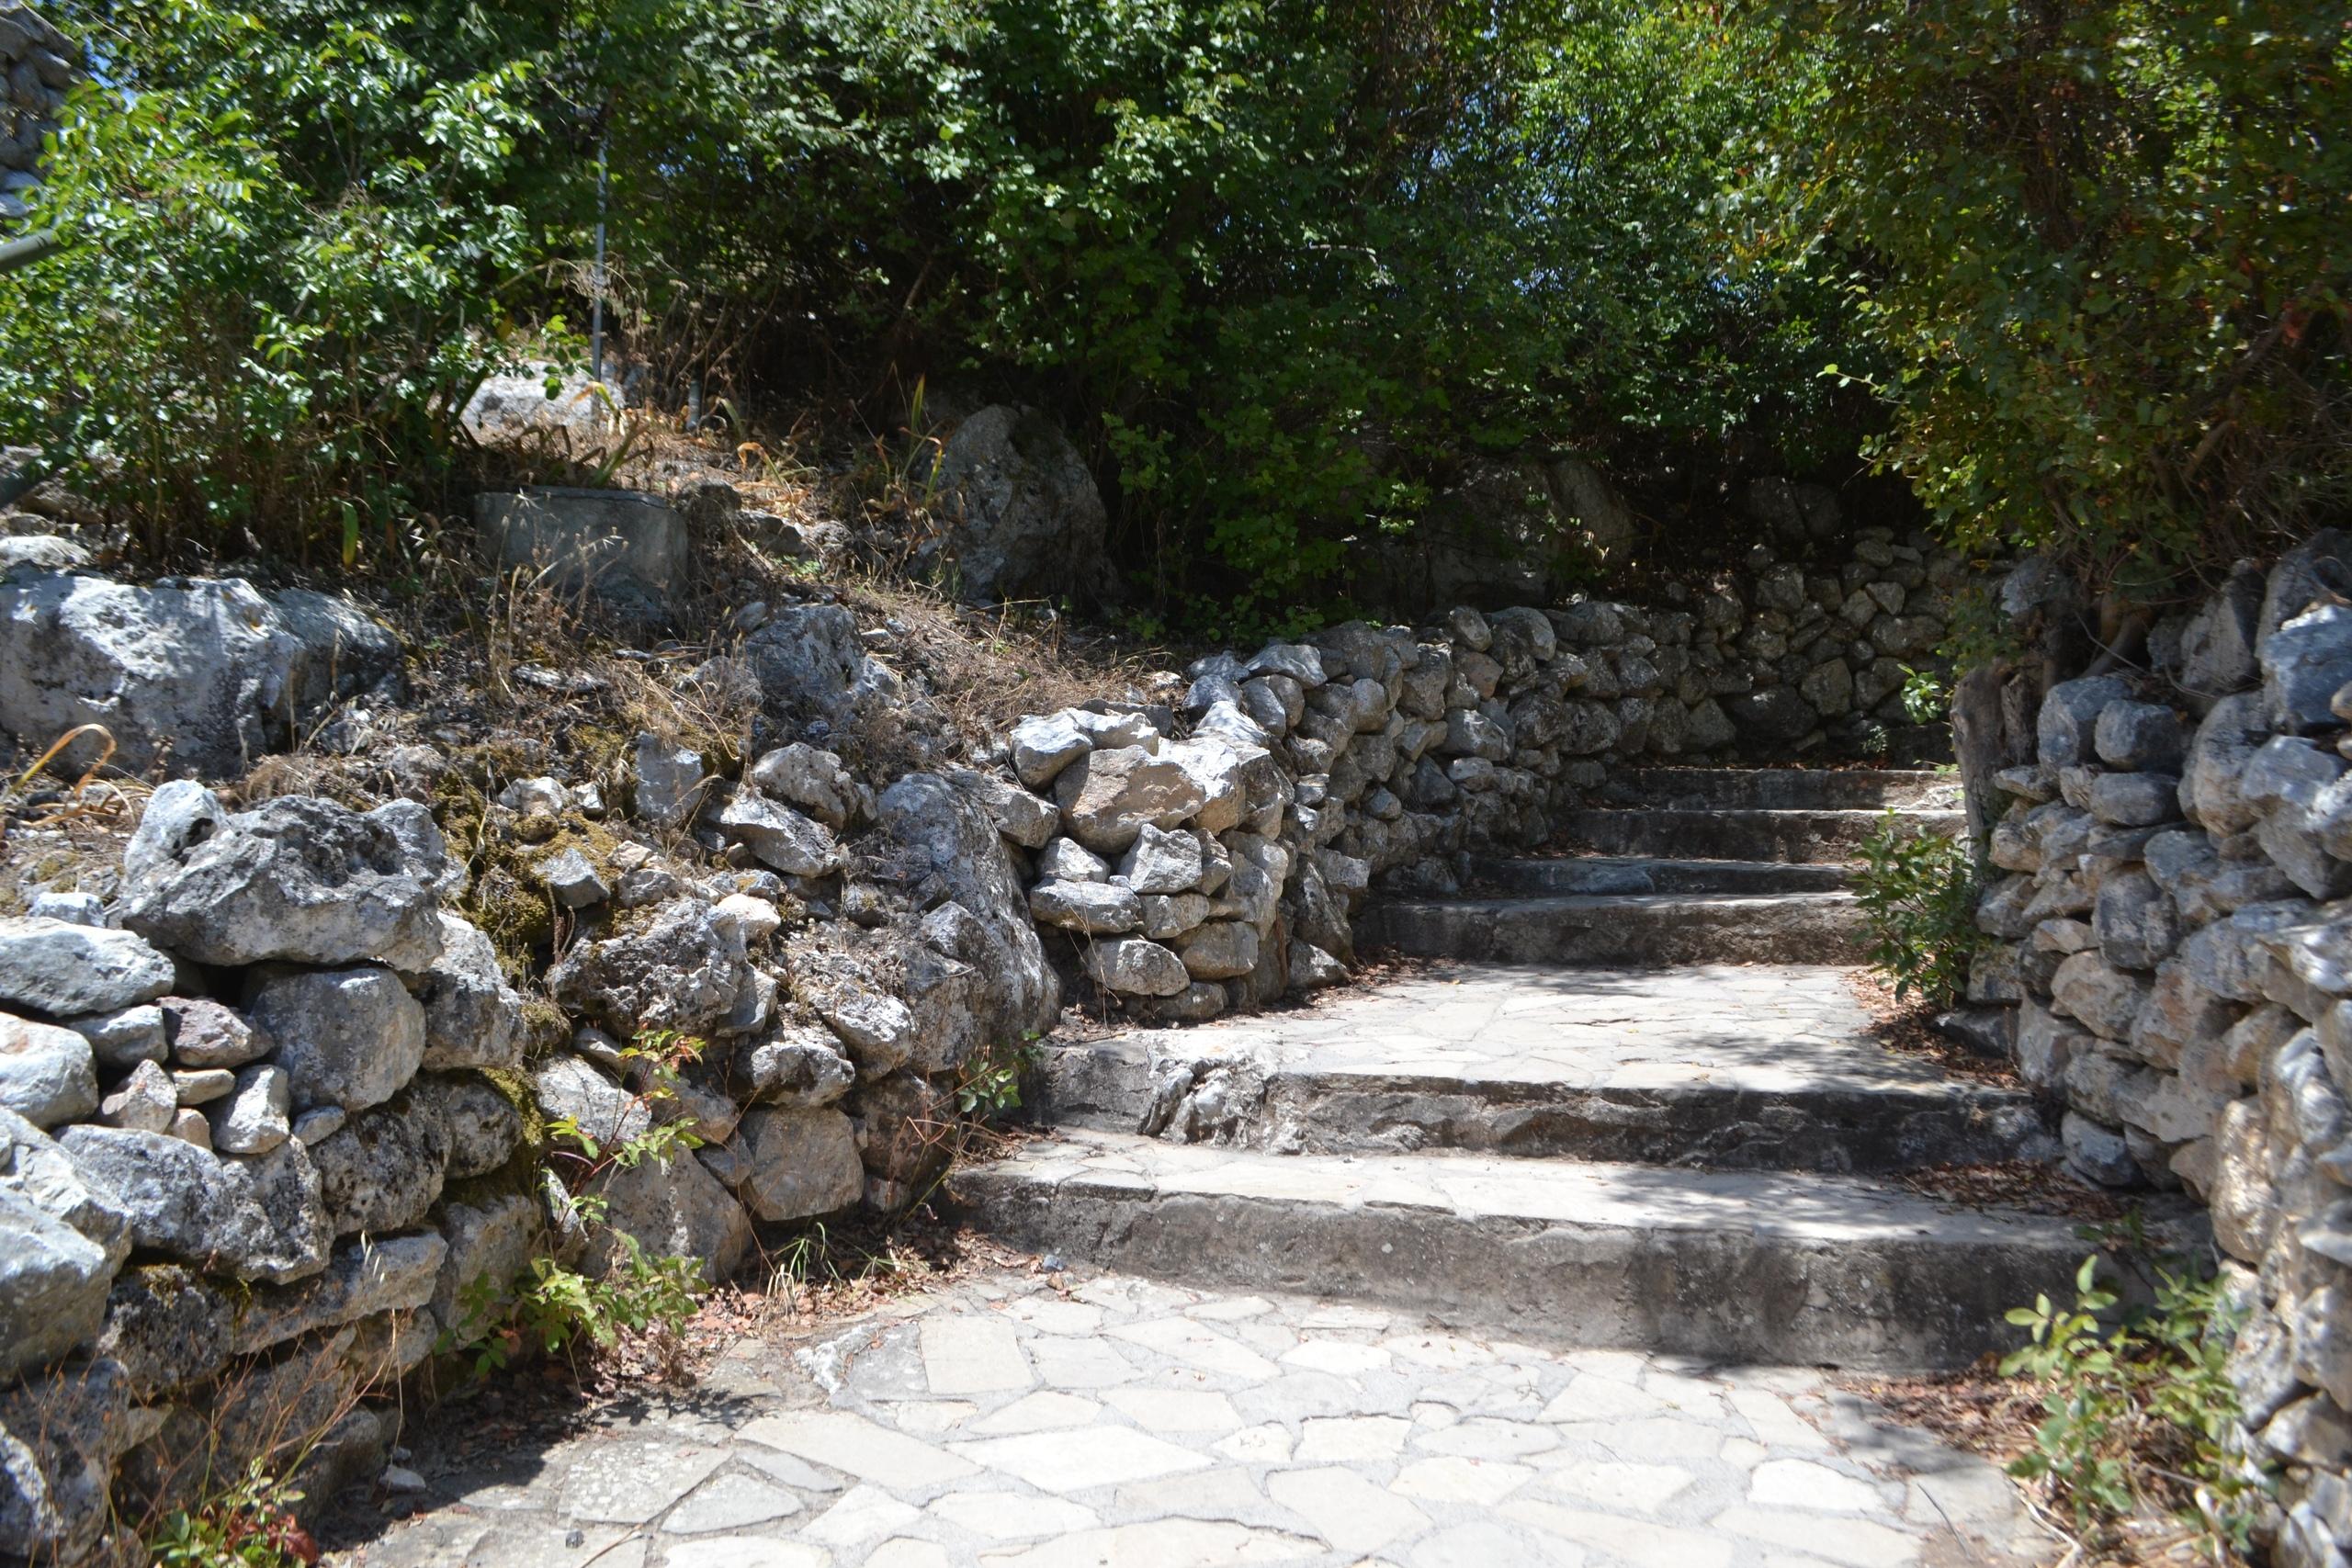 Северный Кипр. Замок Святого Иллариона. (фото). LT8kbyU8gy4